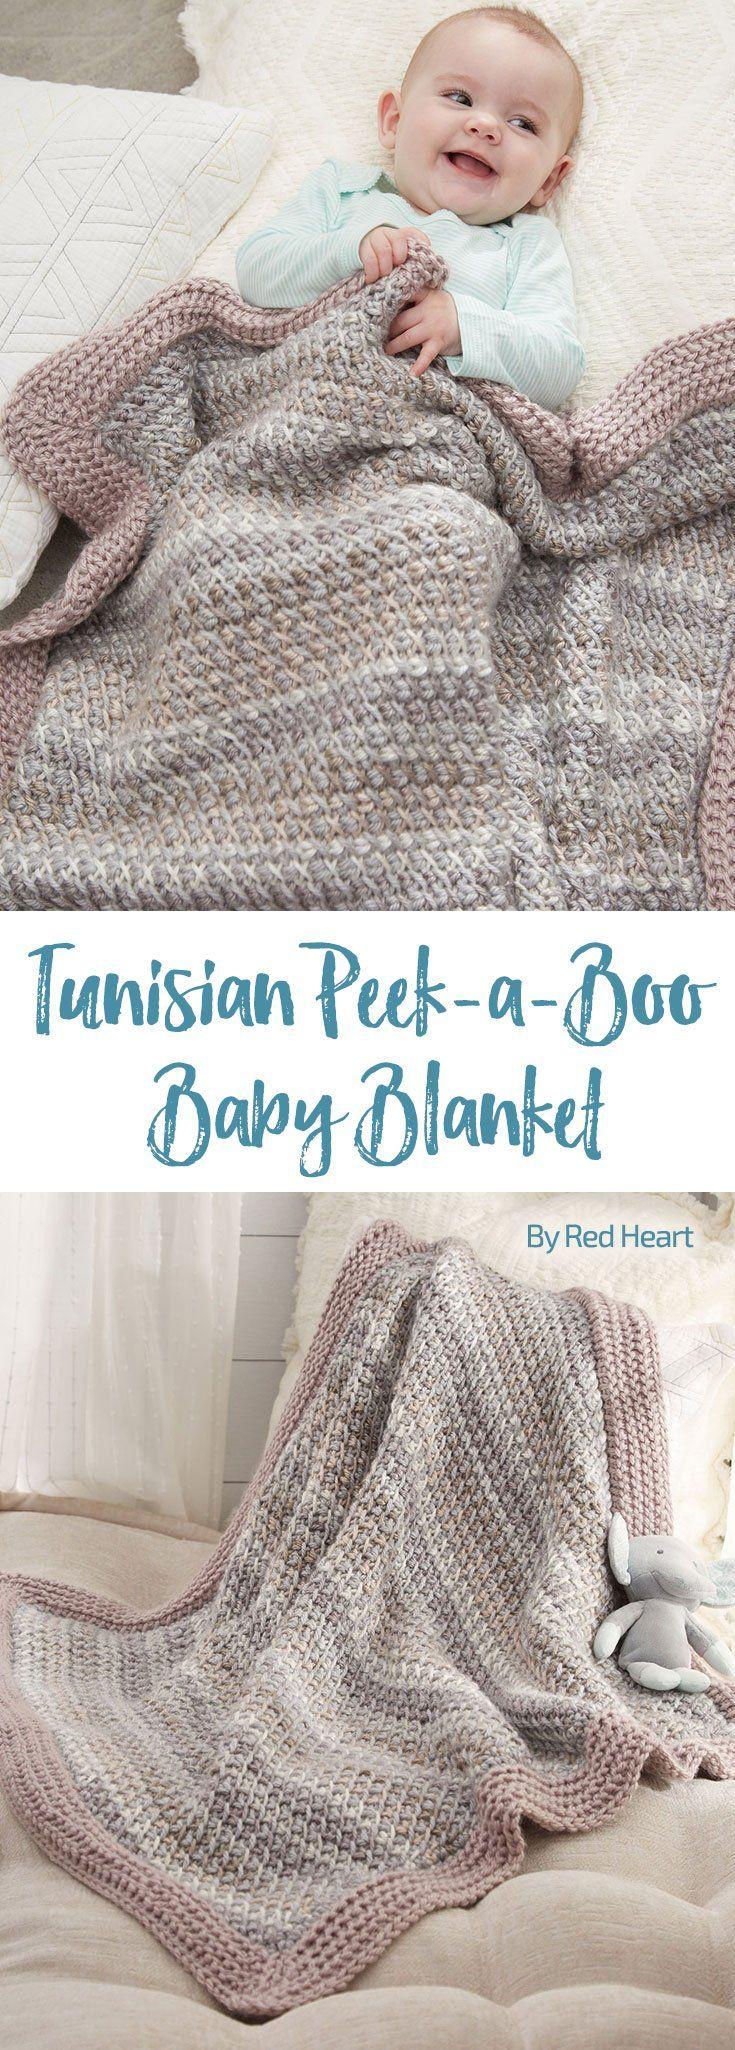 Best 25 tunisian baby blanket ideas on pinterest crochet seed tunisian peek a boo baby blanket free crochet pattern in soft essentials bankloansurffo Gallery